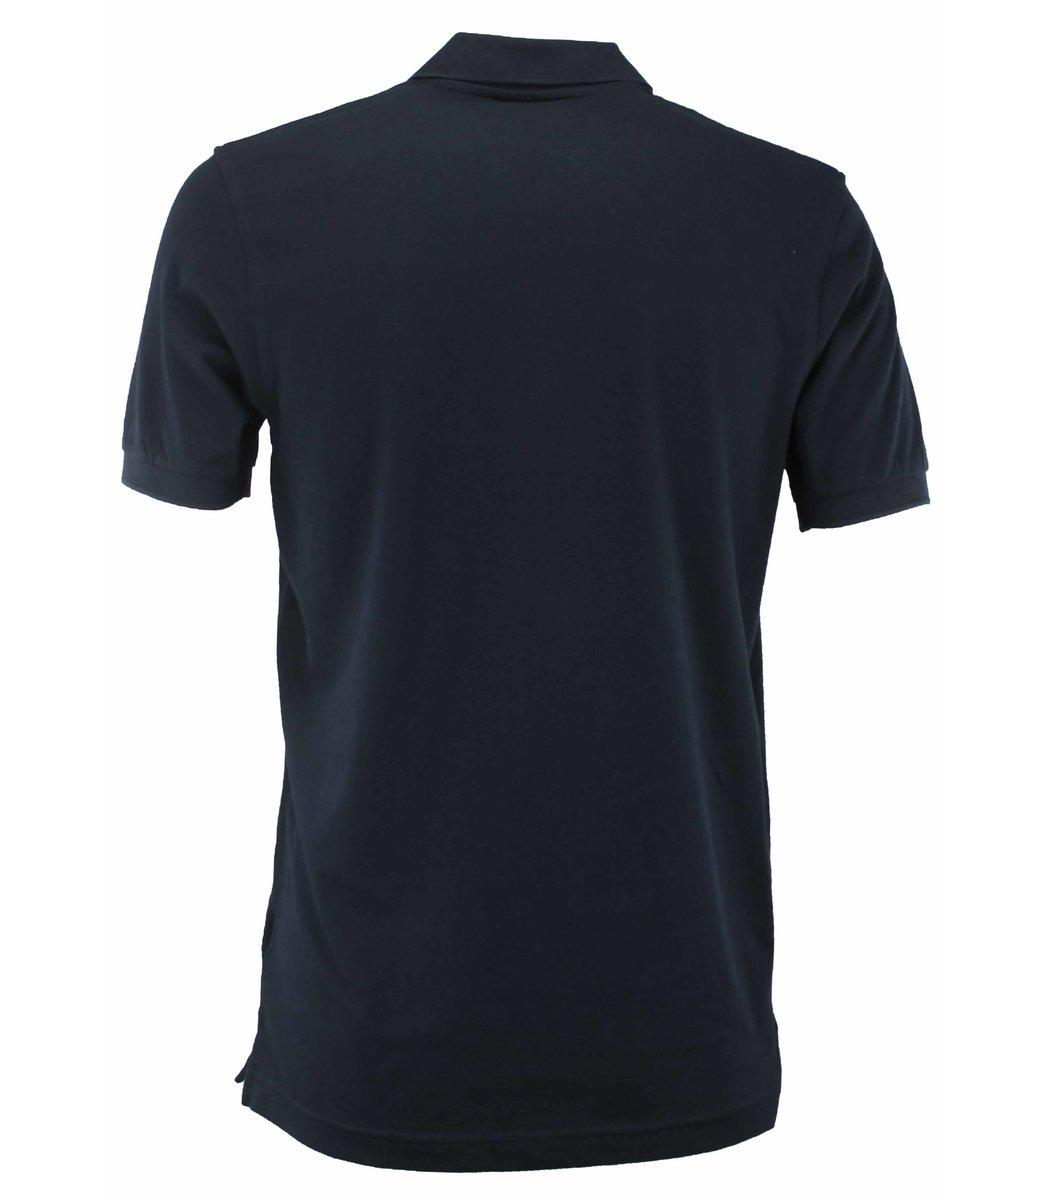 Тёмно-синяя футболка поло Paul&Shark TP2